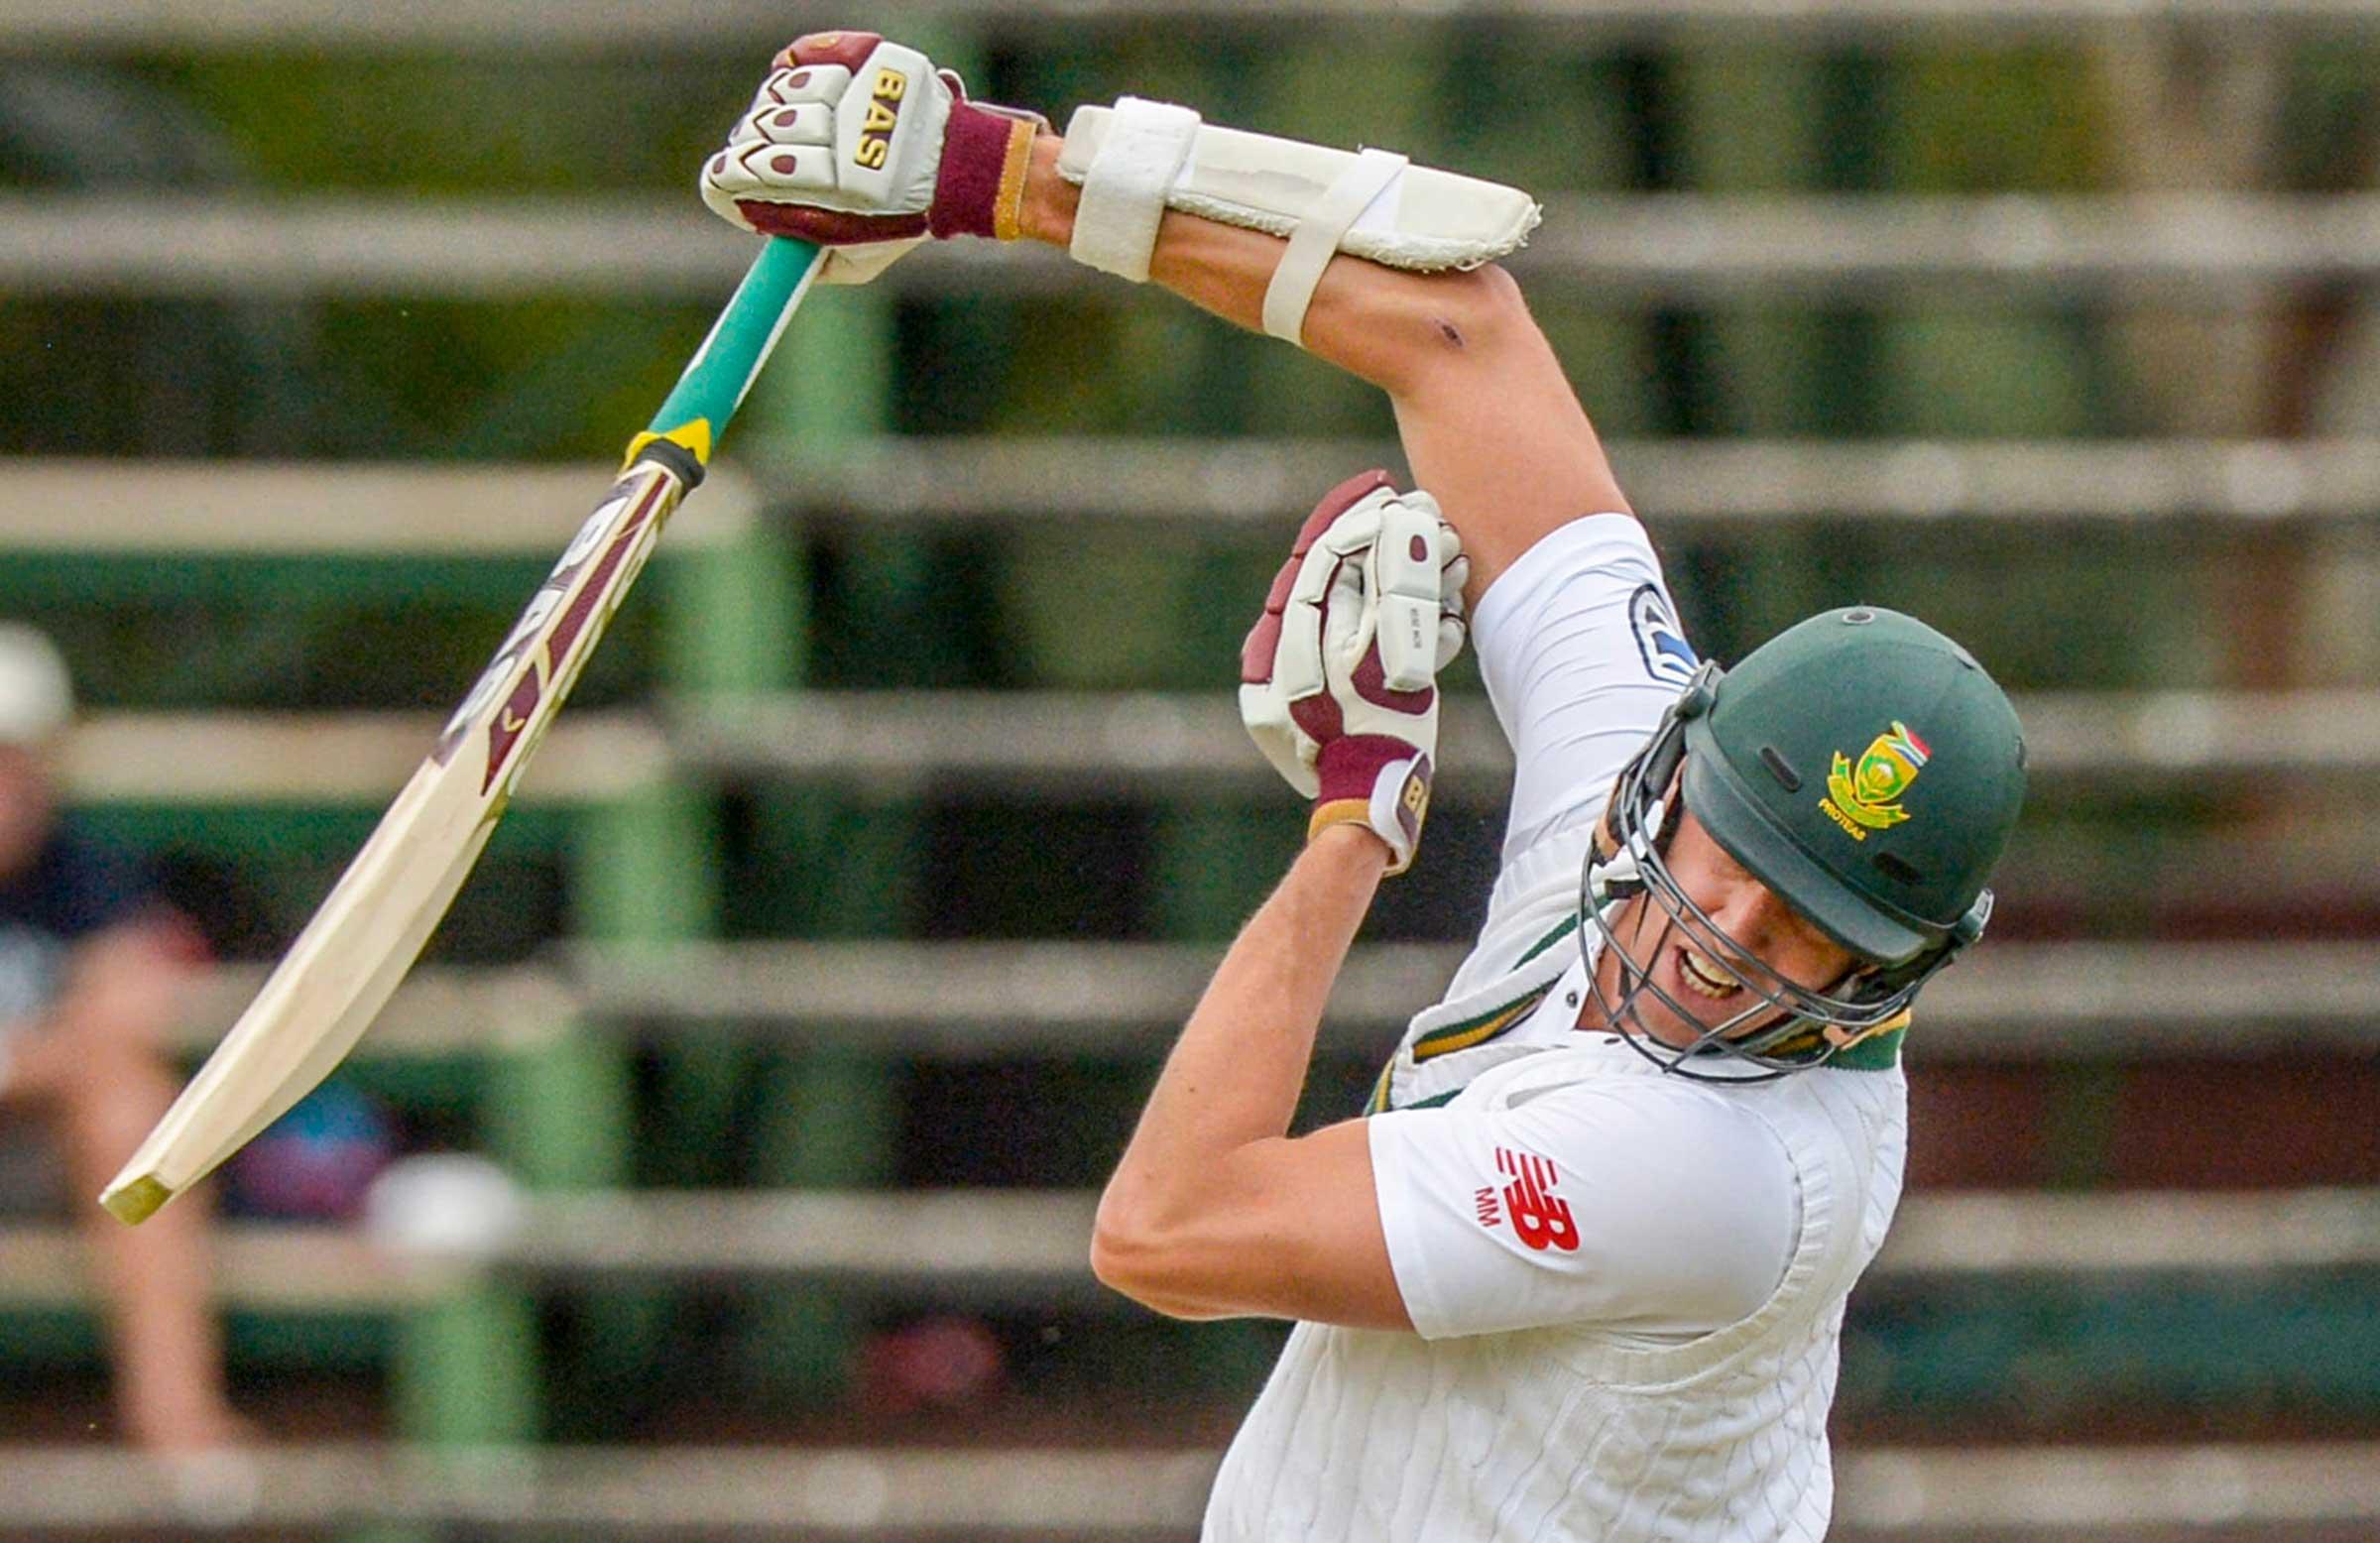 Jo'burg under fire for 'dangerous' pitch | cricket com au